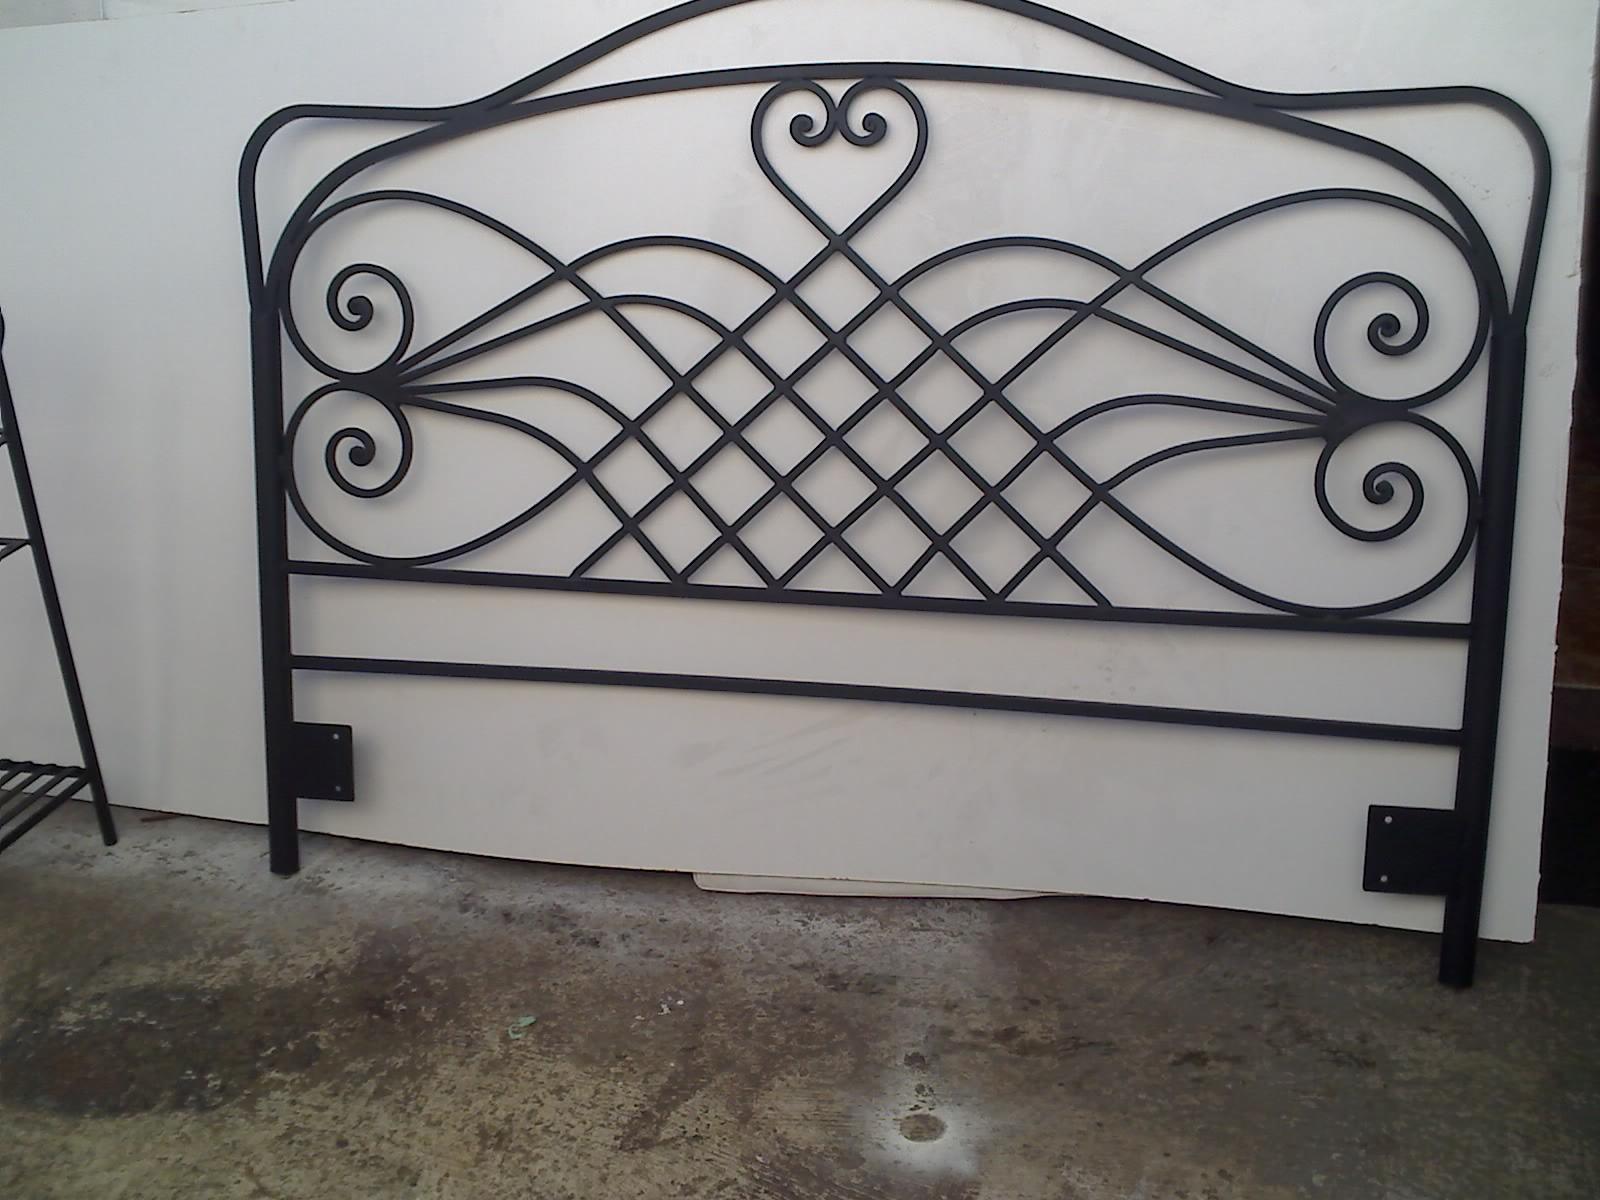 Puertas de hierro modelos mercadolibre venezuela tattoo for Modelos de puertas